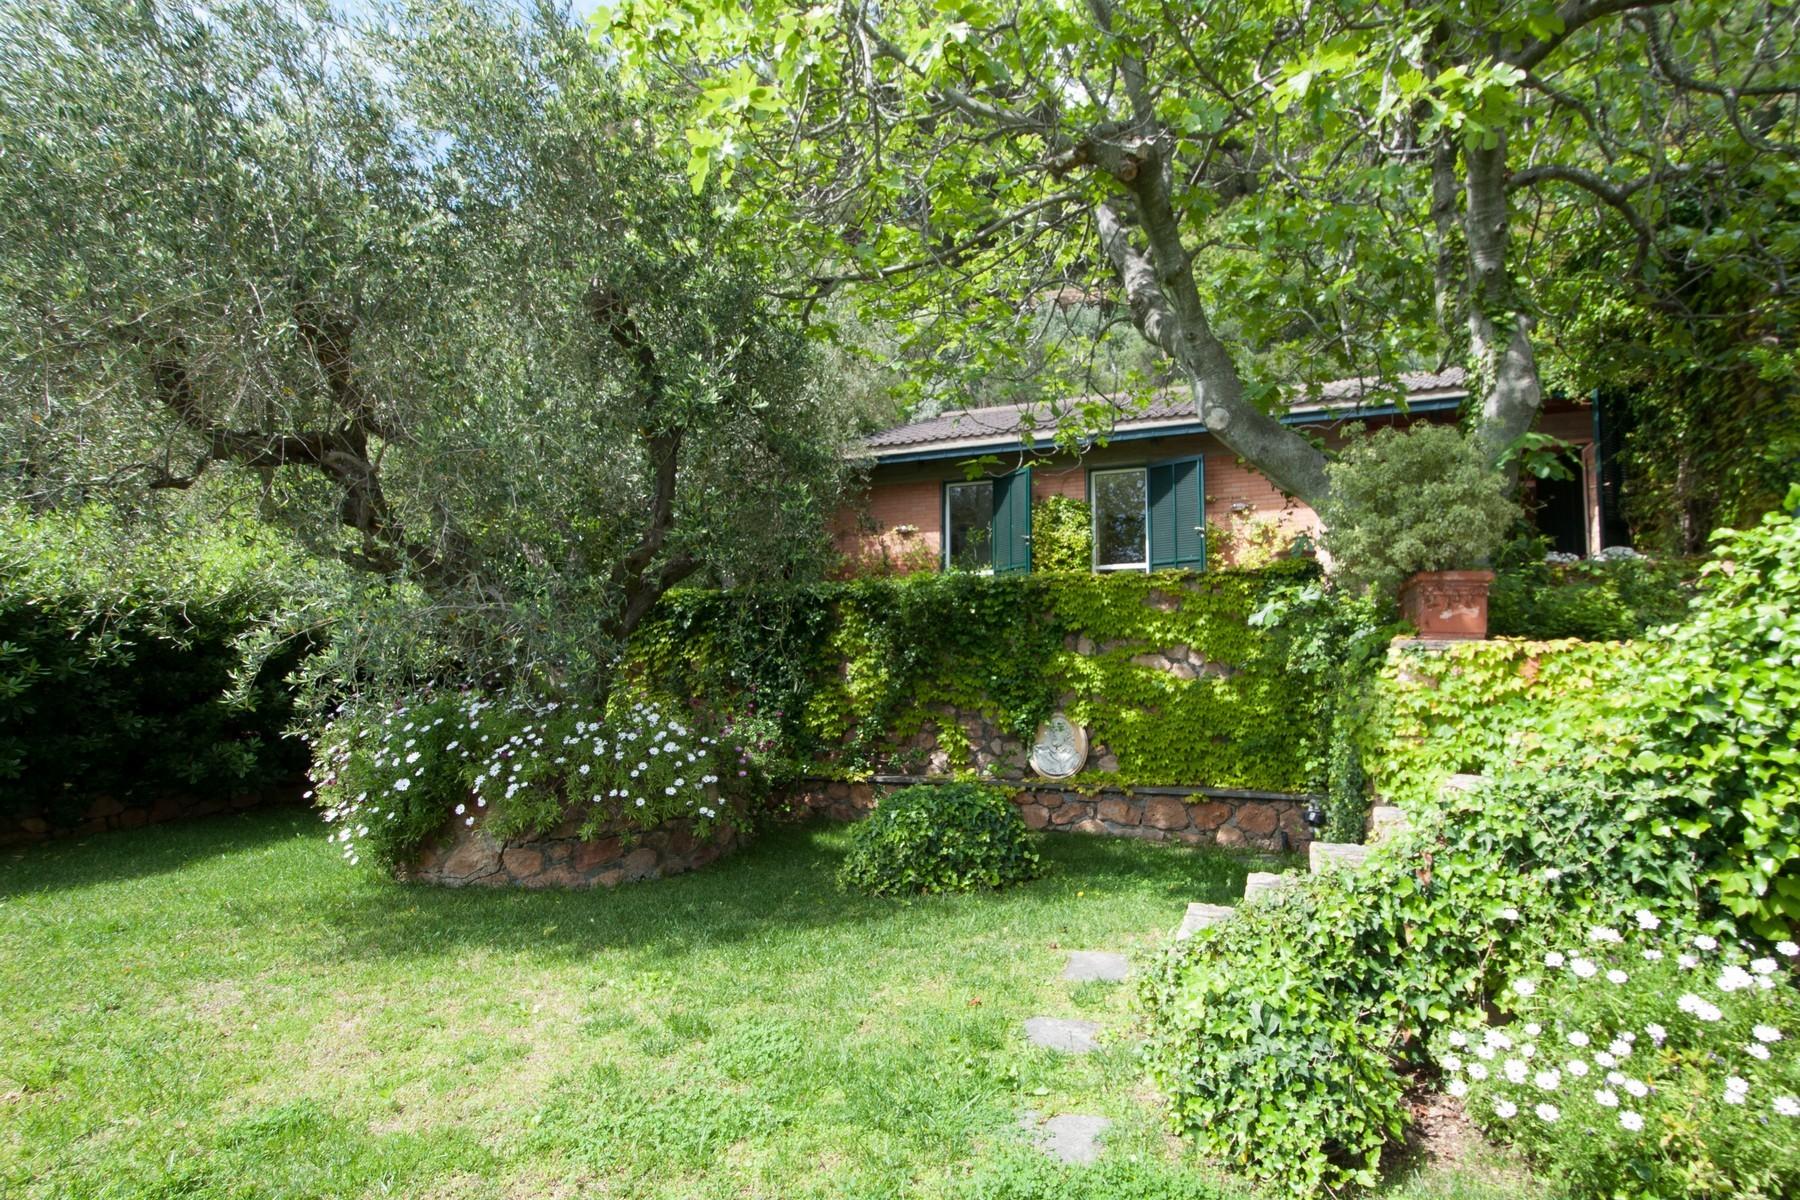 Villa in Vendita a Monte Argentario: 5 locali, 450 mq - Foto 17